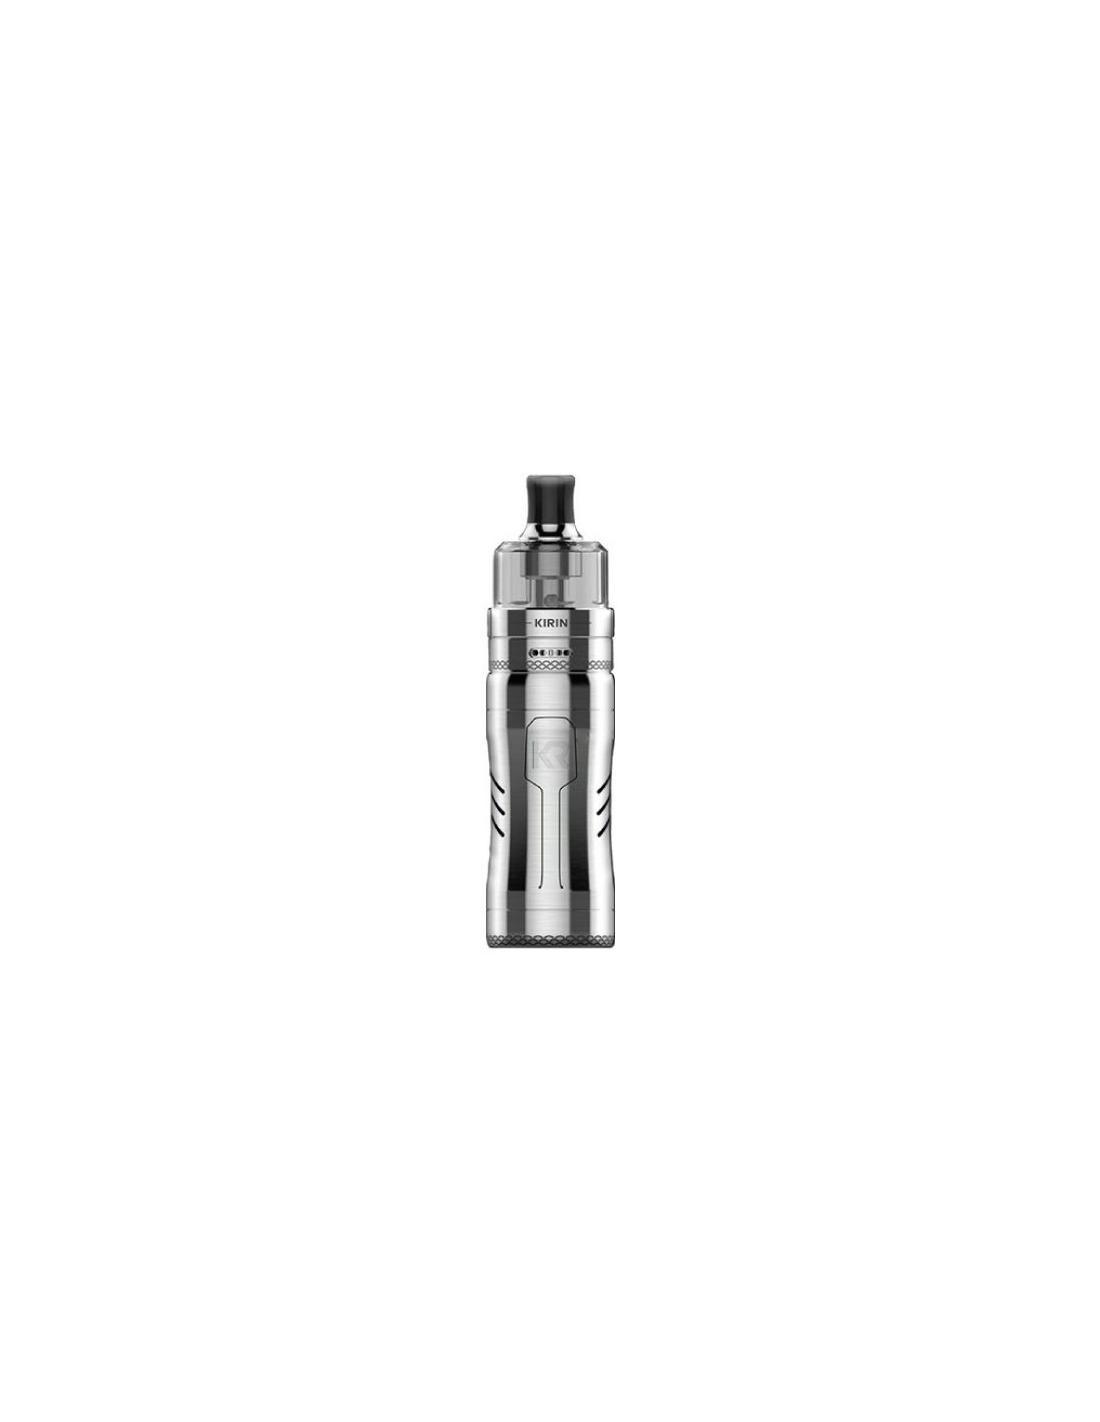 Kizoku Kirin Kit Completo Di Sigaretta Elettronica Con Batteria 18350